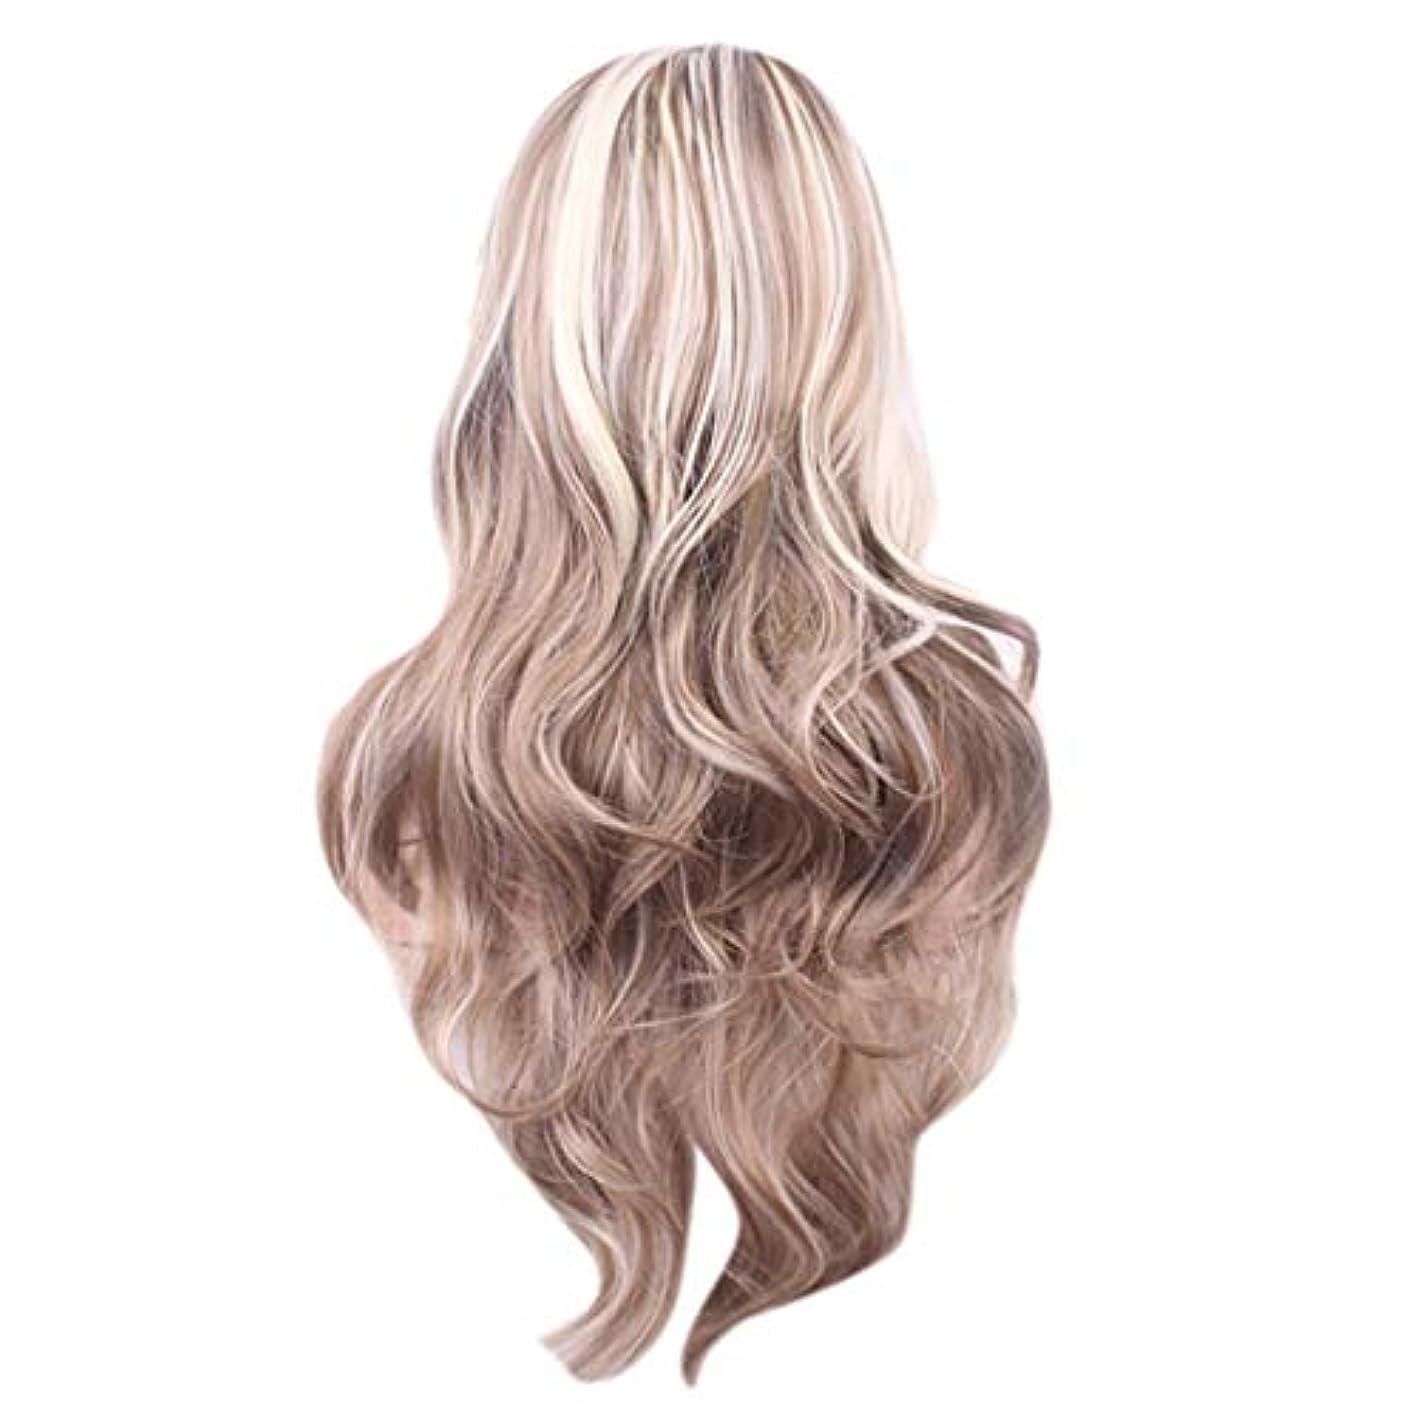 出会い廃棄意気込み女性のセクシーな長い巻き毛のかつら70センチウィッグ